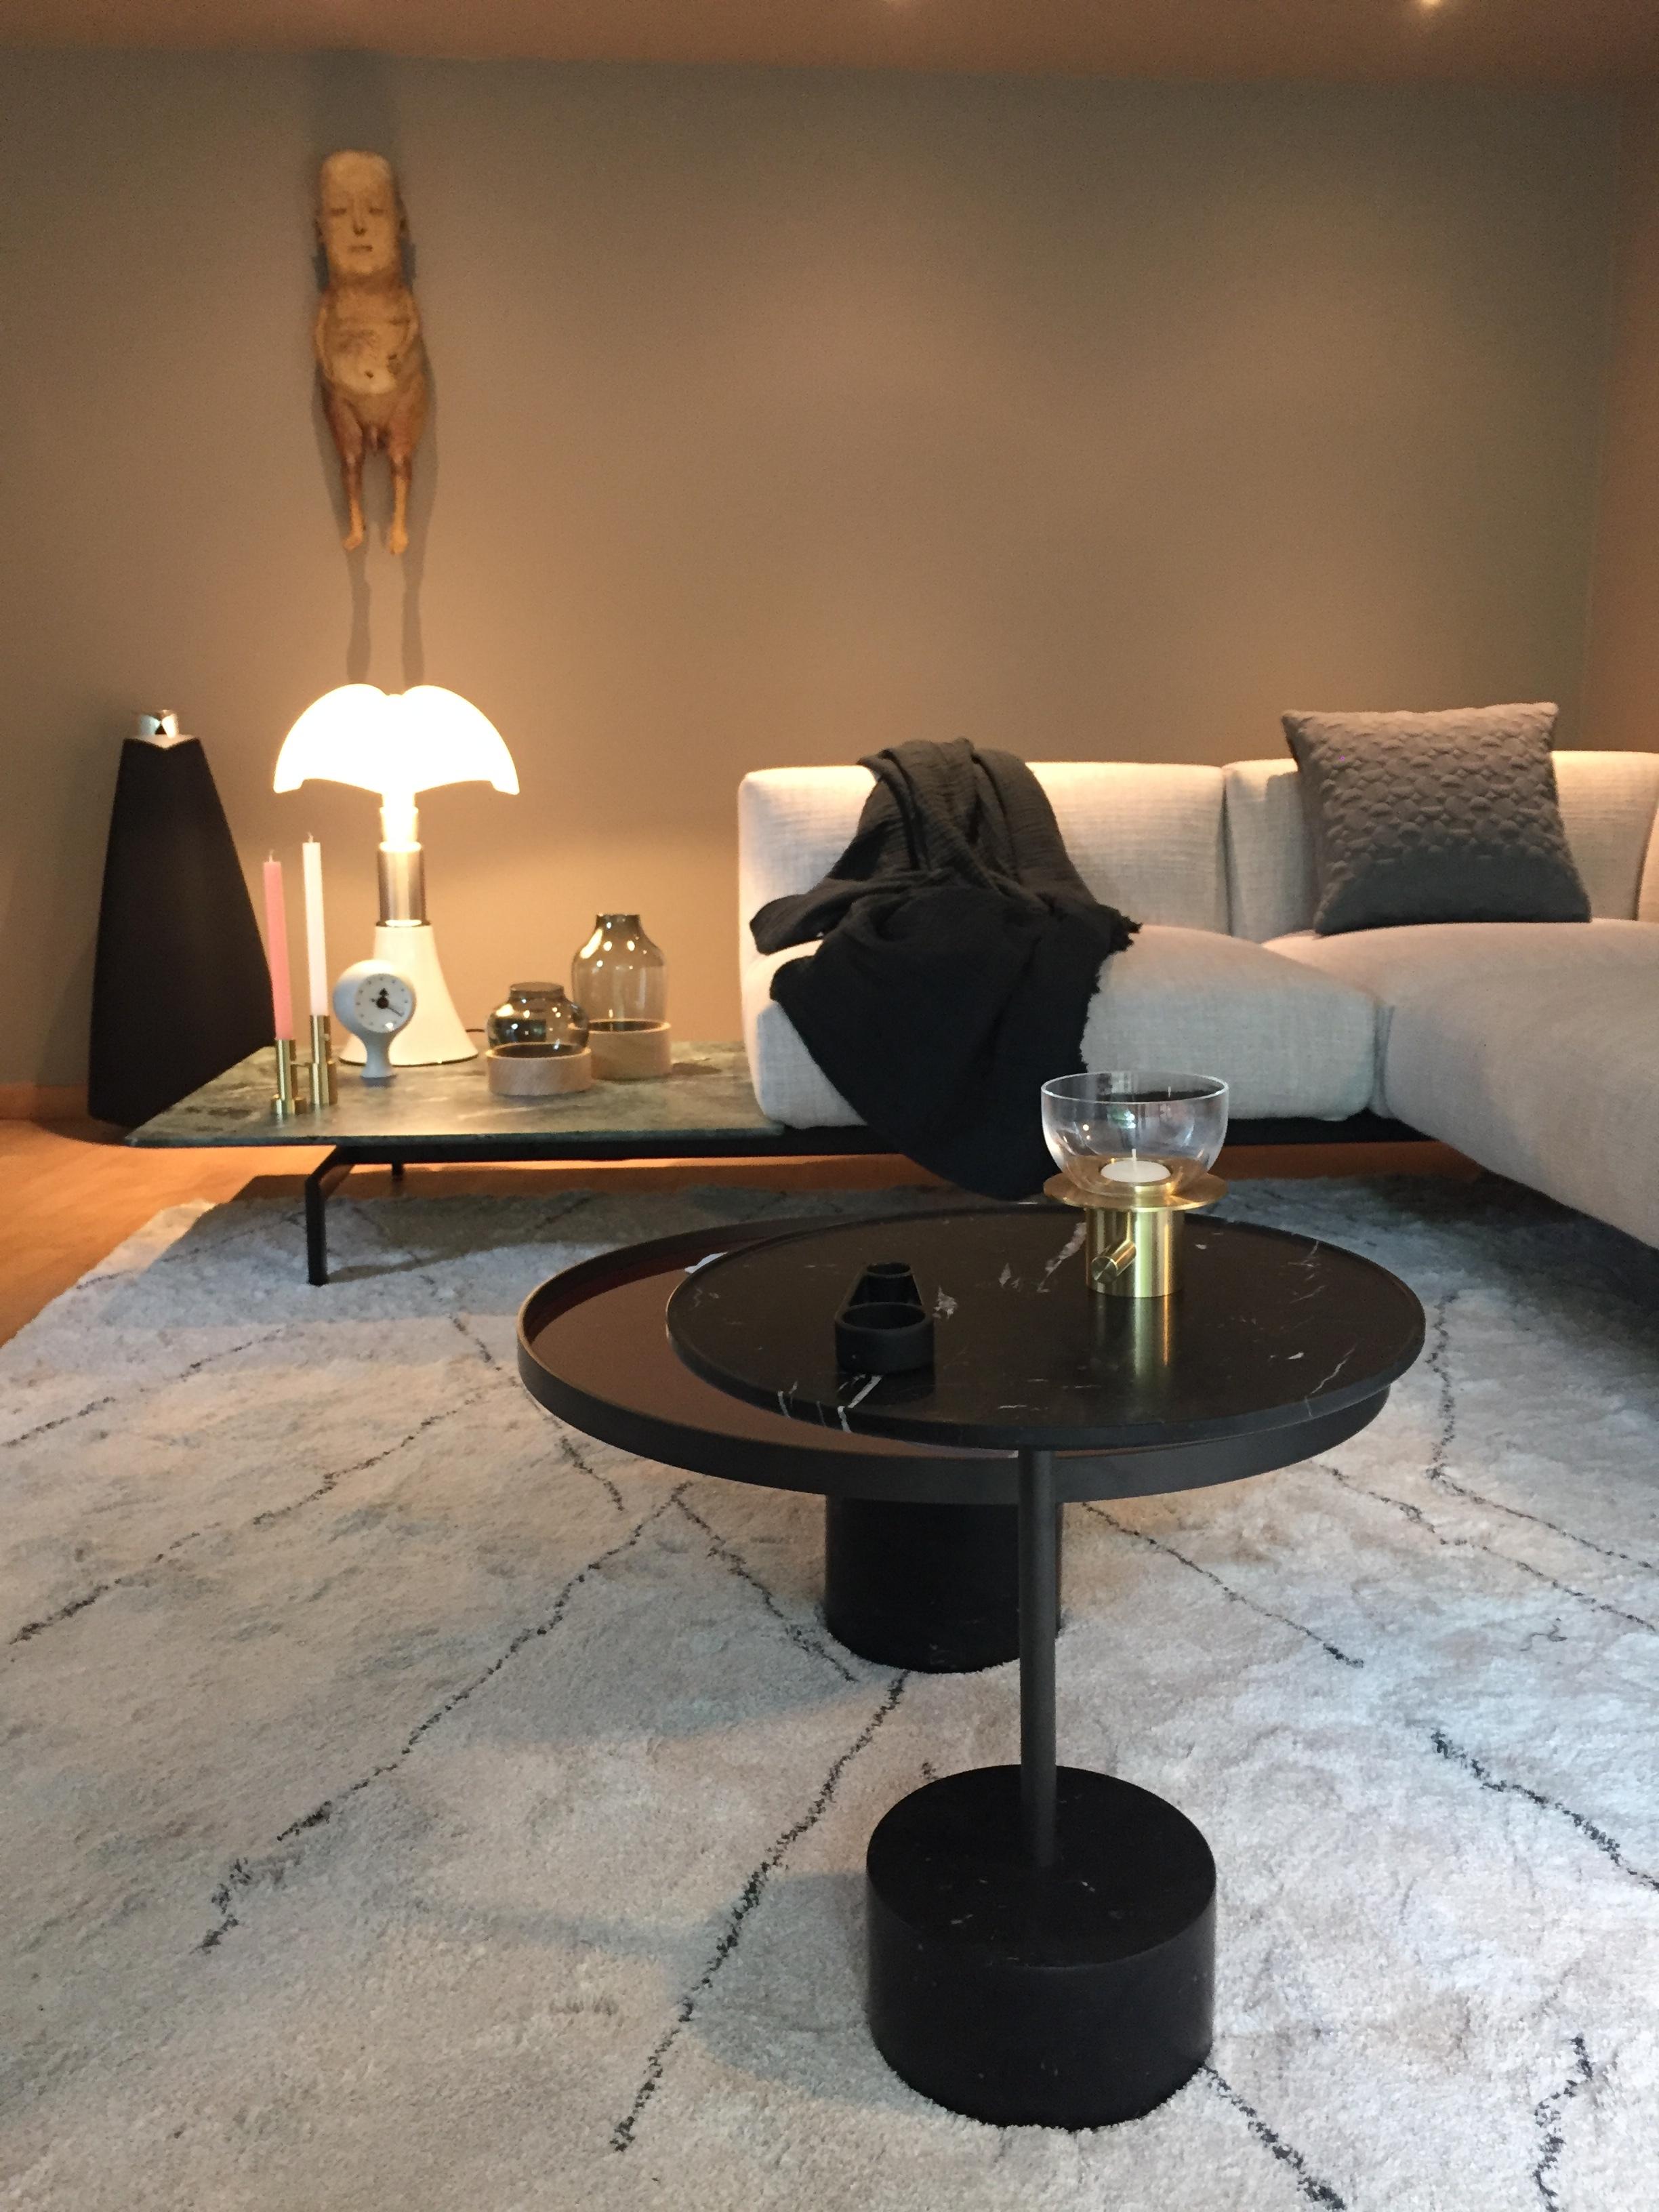 Loncin interieurarchitecten Studio Loncin Residentie in Limburg design huis design meubels  4.JPG